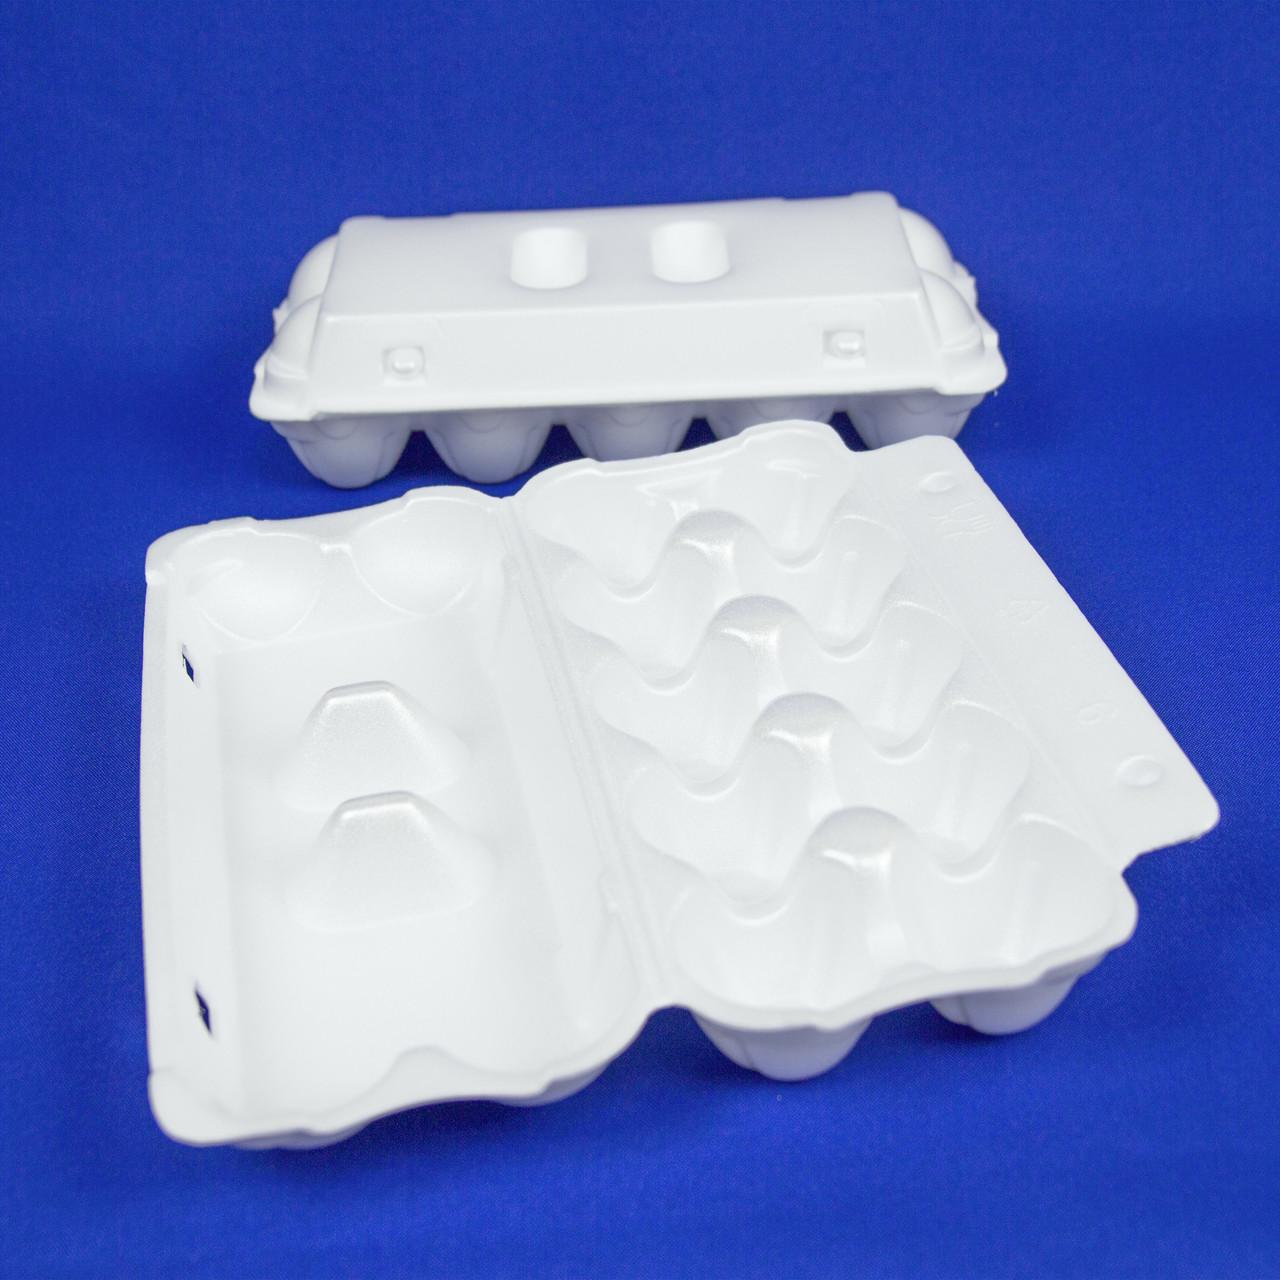 Контейнеры для яиц из вспененного полистирола, упаковка — 10 шт